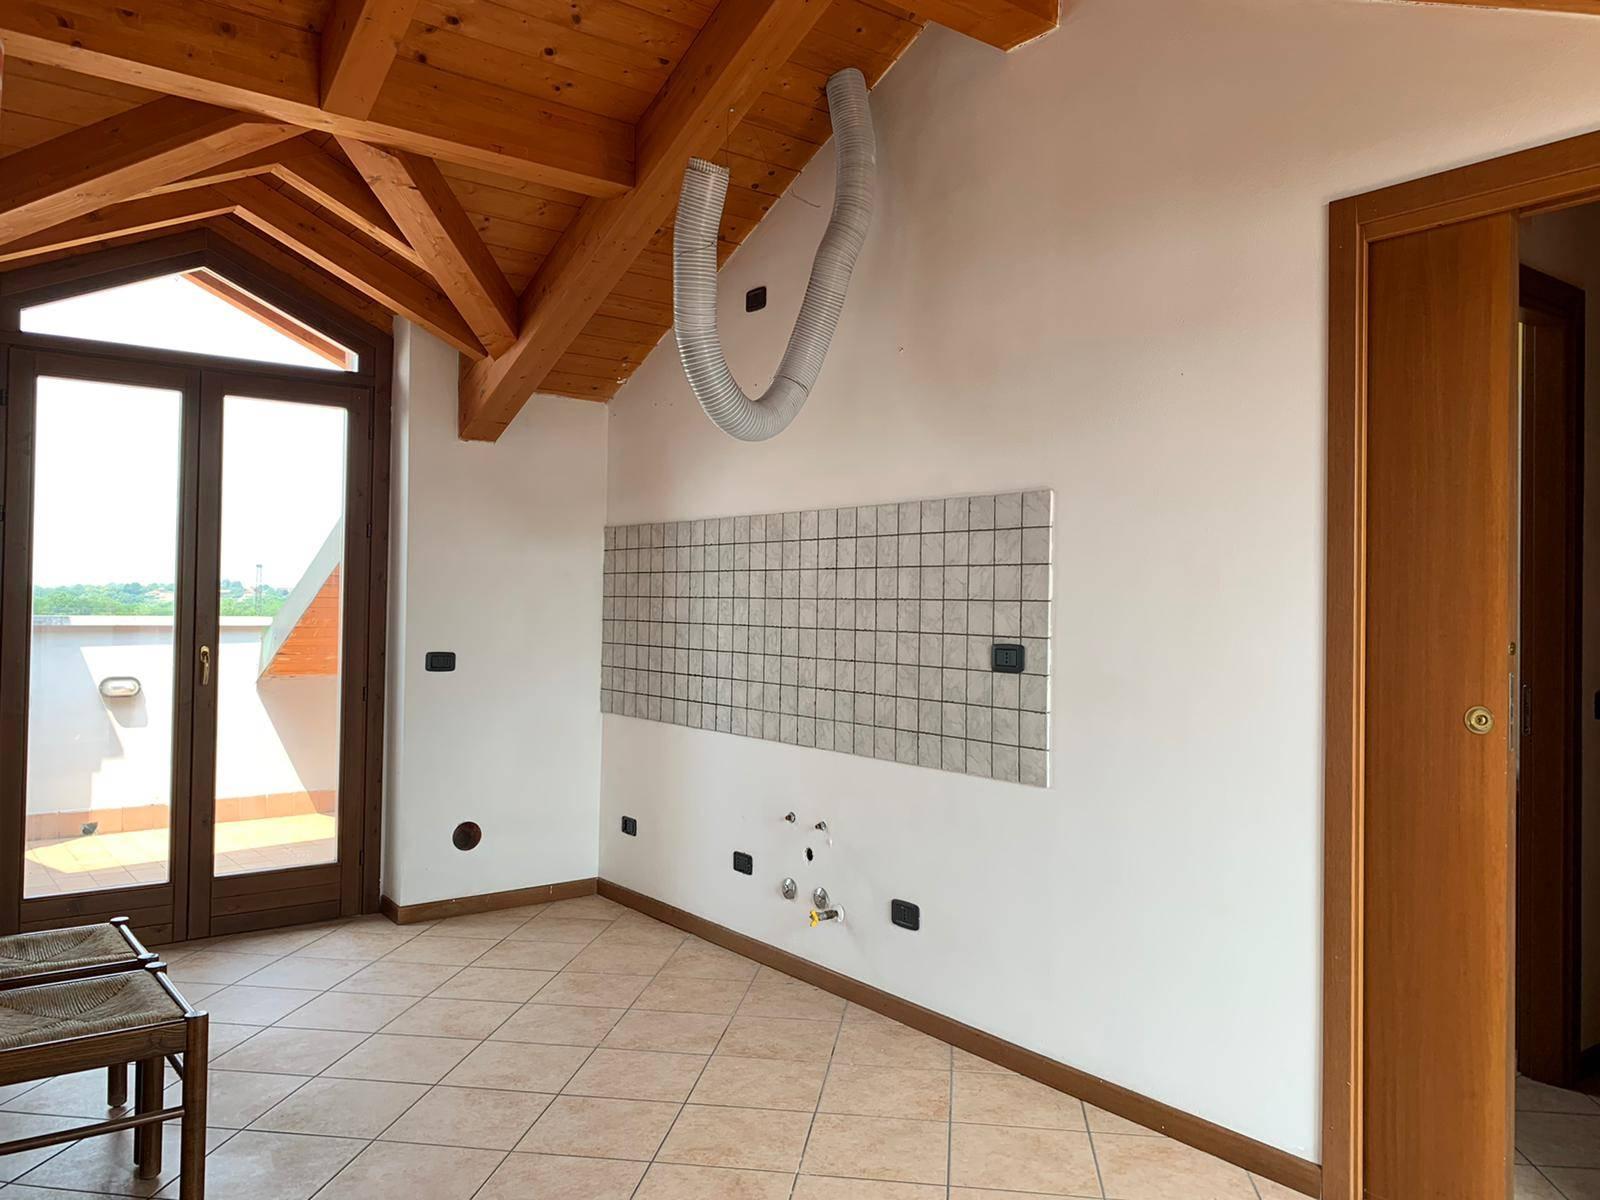 Attico / Mansarda in vendita a Boltiere, 2 locali, prezzo € 72.000 | PortaleAgenzieImmobiliari.it